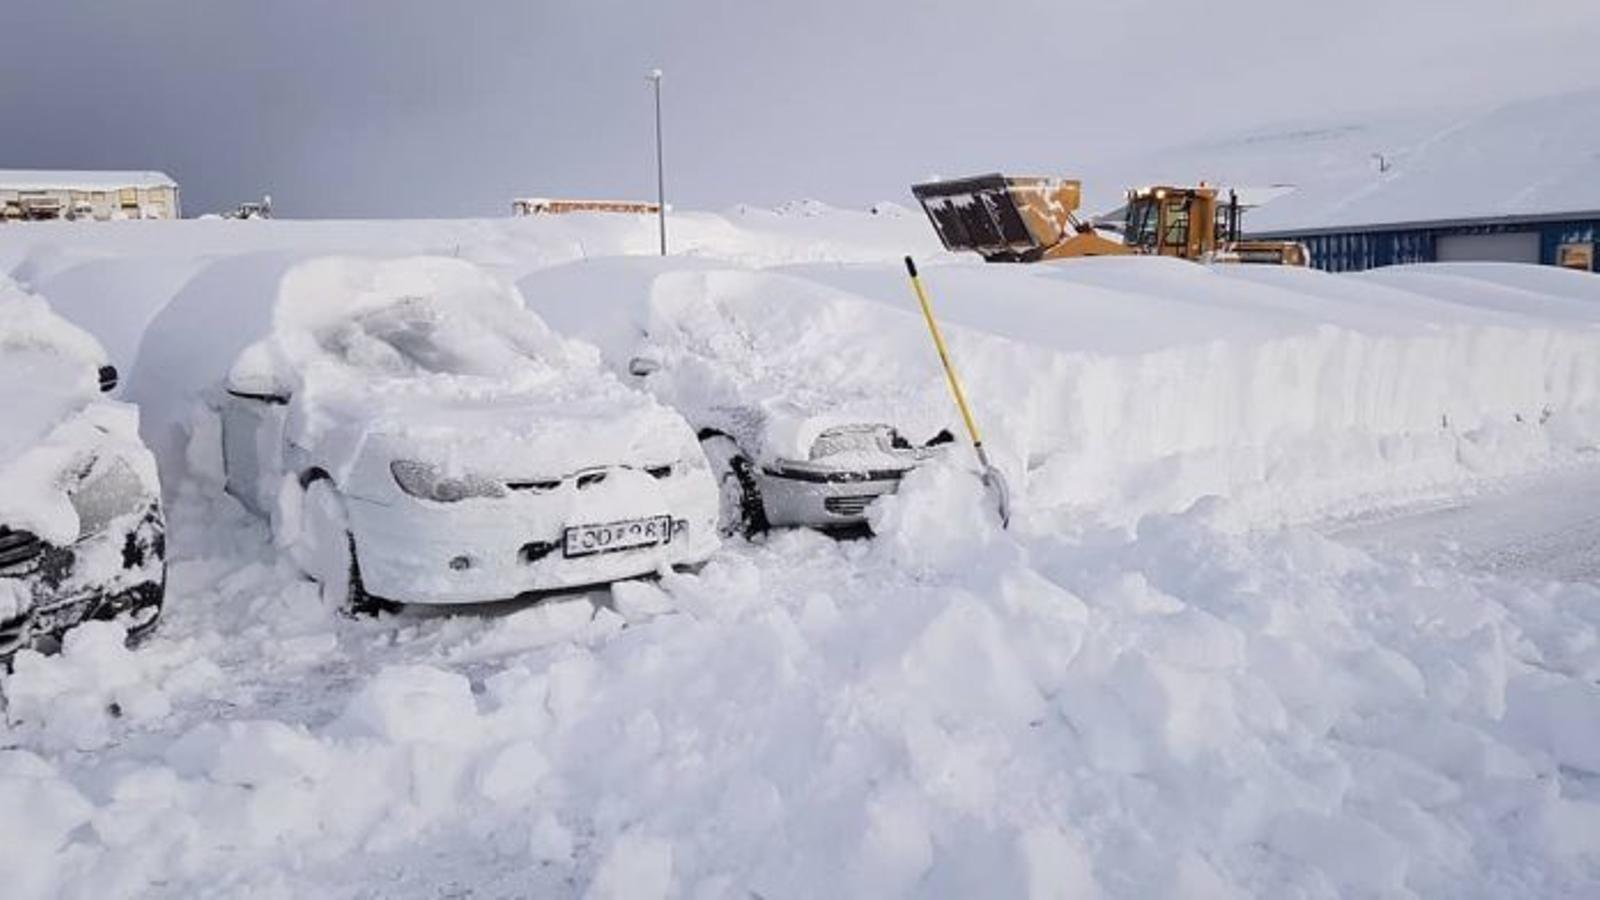 Una espectacular nevada de més d'un metre sorprèn la costa nord d'Islàndia